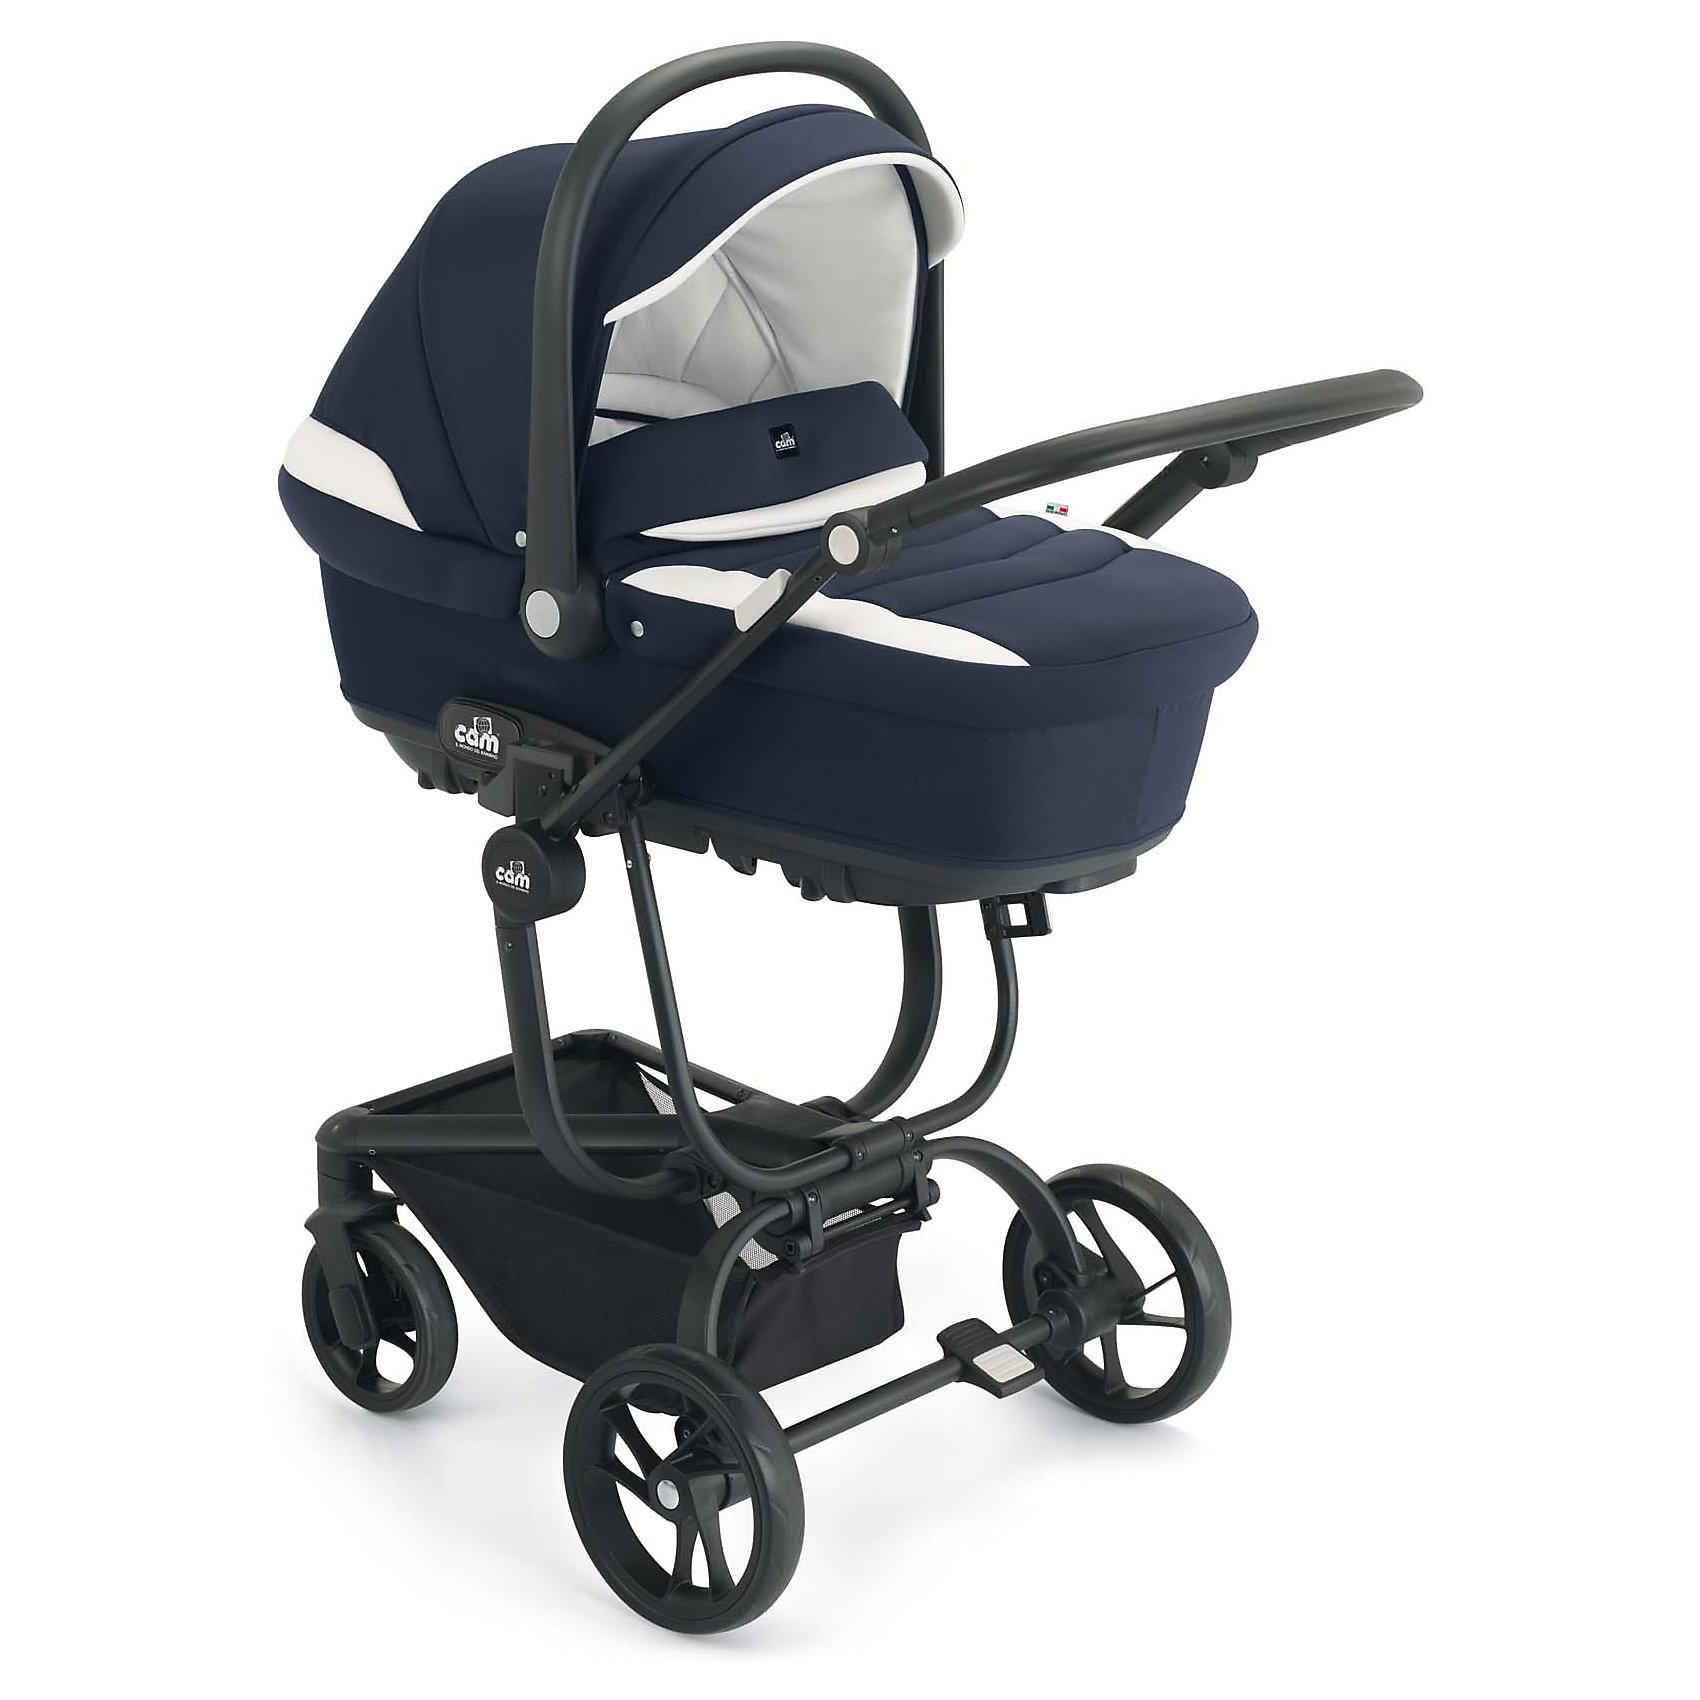 Коляска 3 в 1 CAM Taski, синий/белыйКоляски 3 в 1<br>Характеристики коляски 3в1 CAM Taski<br><br>Люлька: <br><br>• регулируемый подголовник: 3 положения;<br>• вентилируемое дно люльки;<br>• возможность установить люльку на заднем сидении автомобиля;<br>• имеется пластиковая ручка для переноски люльки;<br>• материал люльки: пластик, монолит, обивка – хлопок;<br>• внутренние размеры люльки: 79х35х22 см;<br>• вес: 4,9 кг.<br><br>Прогулочный блок: <br><br>• реверсивное прогулочное сиденье;<br>• регулируемая спинка, угол наклона 180 градусов;<br>• регулируемая подножка;<br>• 5-ти точечные ремни безопасности; дополнительная секция на капюшоне;<br>• бампер отводится в сторону для удобства посадки ребенка;<br>• материал: пластик, алюминий.<br><br>Автокресло:<br><br>• для детей от рождения до 13 кг;<br>• способ установки: против хода движения;<br>• способ крепления: штатными ремнями безопасности, совместимо с базой;<br>• ручка для переноски автокресла;<br>• капор с солнцезащитным козырьком;<br>• 3-х точечные ремни безопасности;<br>• вкладыш для новорожденного;<br>• материал: пластик, полиэстер;<br>• размер автокресла: 44,5х64х58 см;<br>• вес: 3,7 кг.<br><br>Шасси коляски: <br><br>• ручка коляски регулируется по высоте;<br>• коляска складывается вместе с прогулочным блоком;<br>• имеется корзина для покупок;<br>• механизм складывания: книжка;<br>• материал: алюминий.<br><br>Размер коляски с люлькой: 95,5х57х122 см<br>Вес коляски с люлькой: 10,8 кг<br>Размер коляски с прогулочным блоком: 90х57х117 см<br>Вес коляски с прогулочным блоком: 10,6 кг<br><br>Дополнительная комплектация:<br><br>• накидка на люльку;<br>• чехол на ножки;<br>• матрасик в люльку;<br>• вкладыш в автокресло;<br>• дождевик;<br>• сумка для мамы.<br><br>Коляску 3 в 1 Taski, CAM, синий/белый можно купить в нашем интернет-магазине.<br><br>Ширина мм: 1009<br>Глубина мм: 495<br>Высота мм: 675<br>Вес г: 8000<br>Возраст от месяцев: 0<br>Возраст до месяцев: 36<br>Пол: Унисекс<br>Возраст: Детский<br>SKU: 5607564